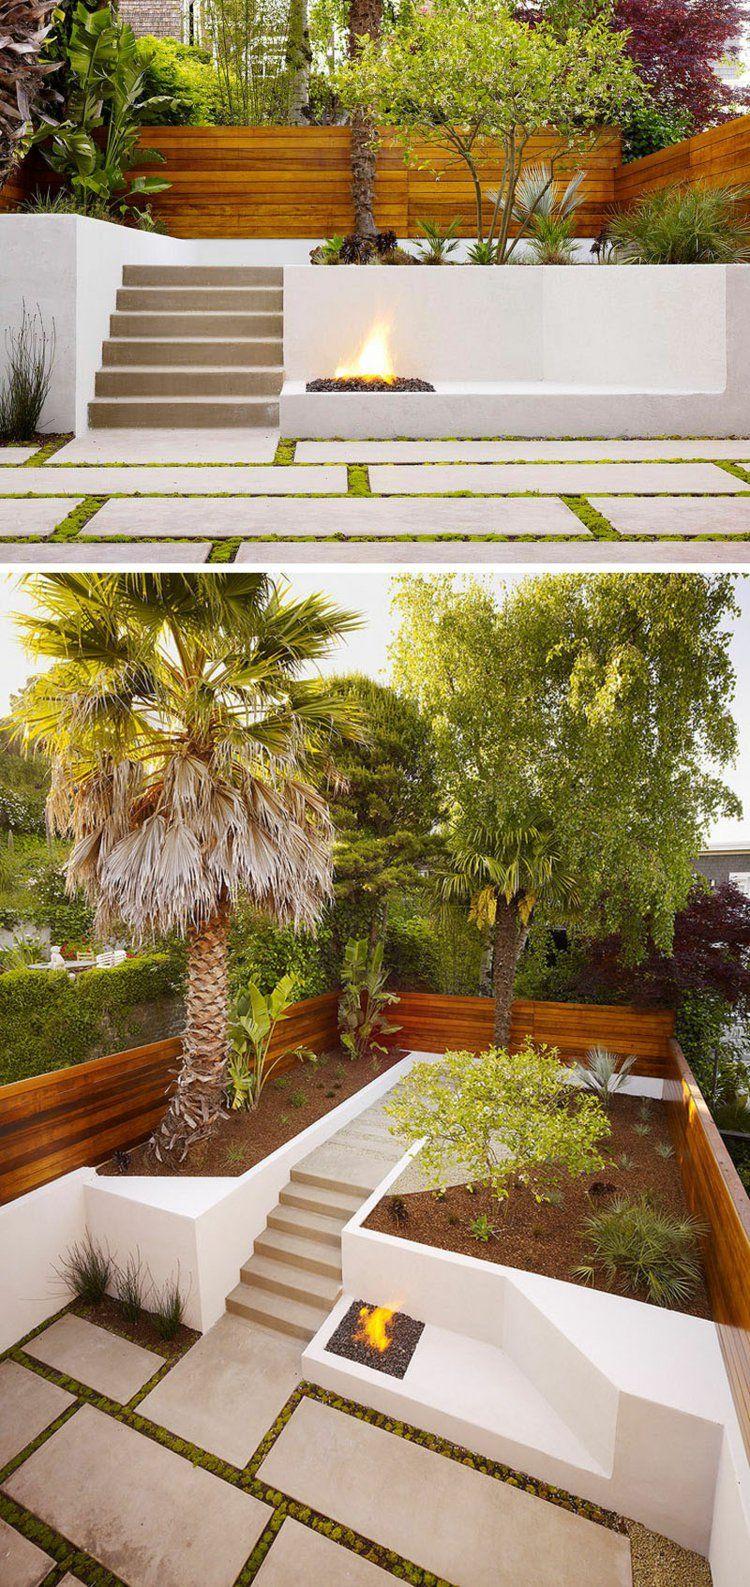 terrasse sur terrain en pente en 10 idées d aménagement on wow awesome backyard patio designs ideas for copy id=86744